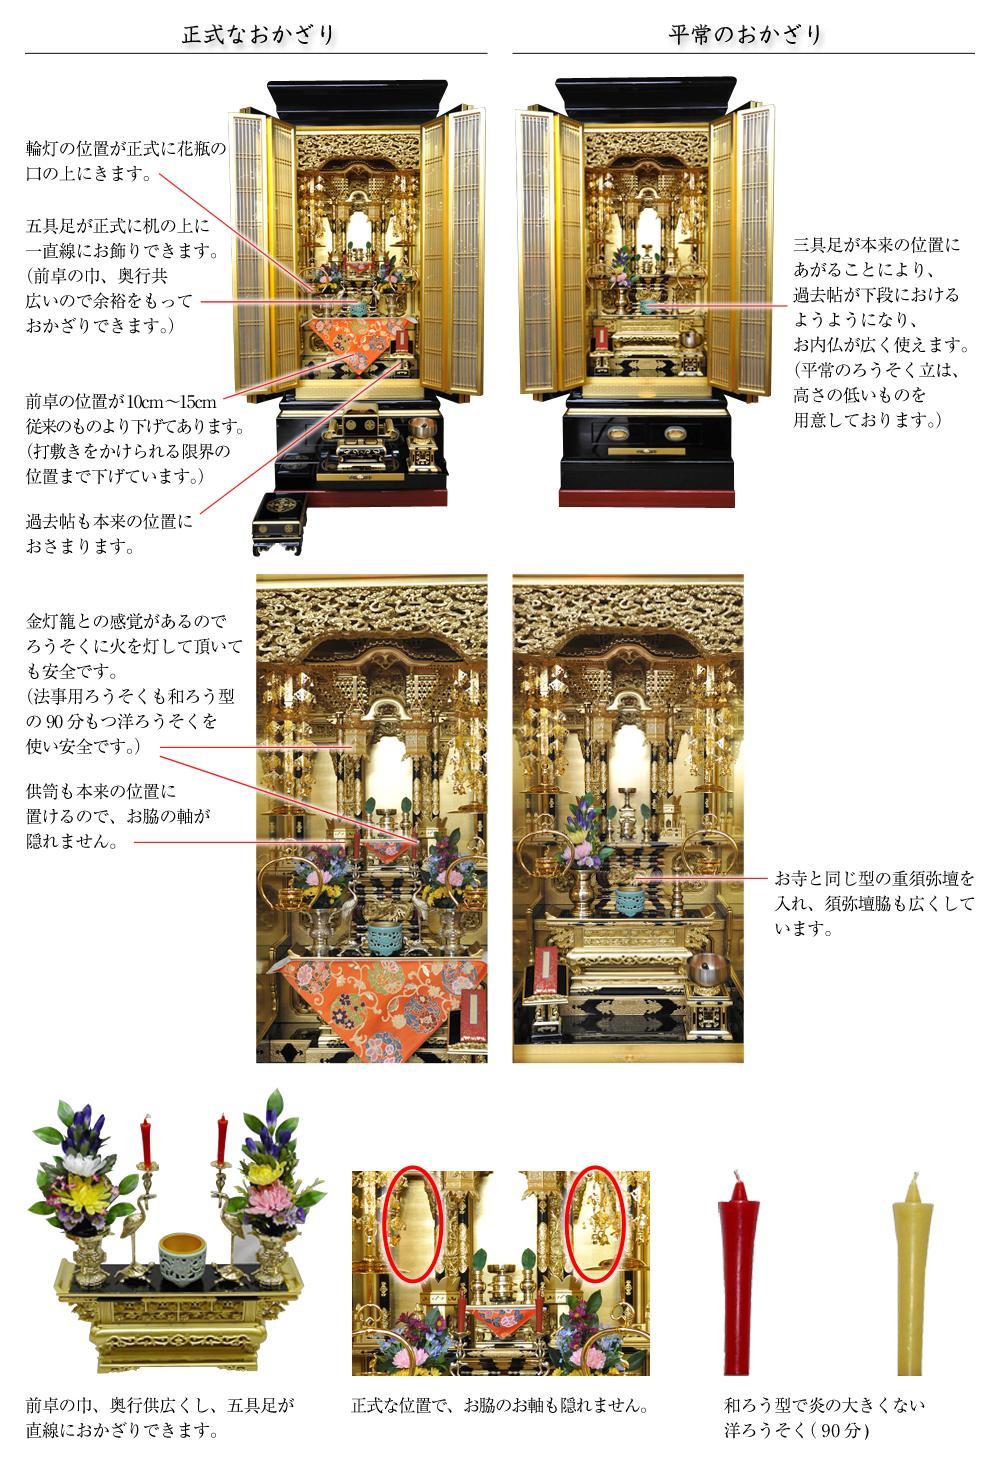 正式なお飾りと平常のお飾りについて 真宗大谷派(東本願寺)